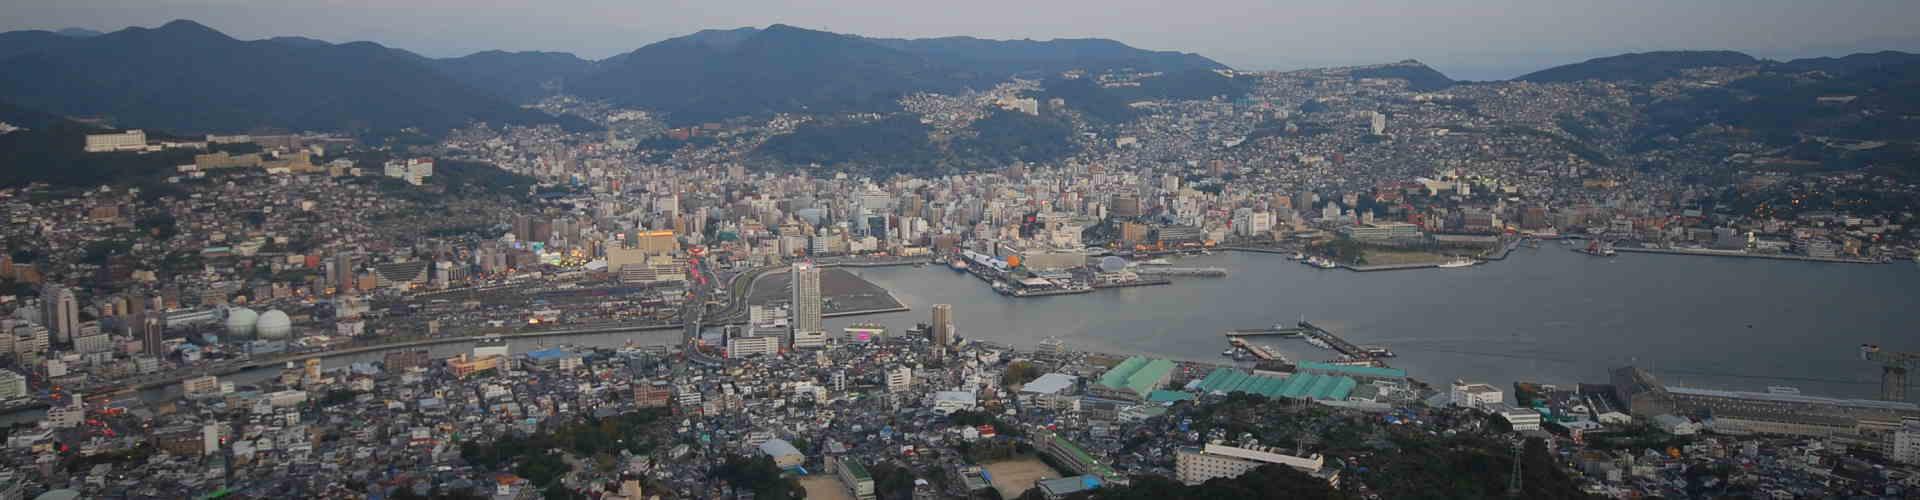 長崎平和マラソン 2020年11月29日